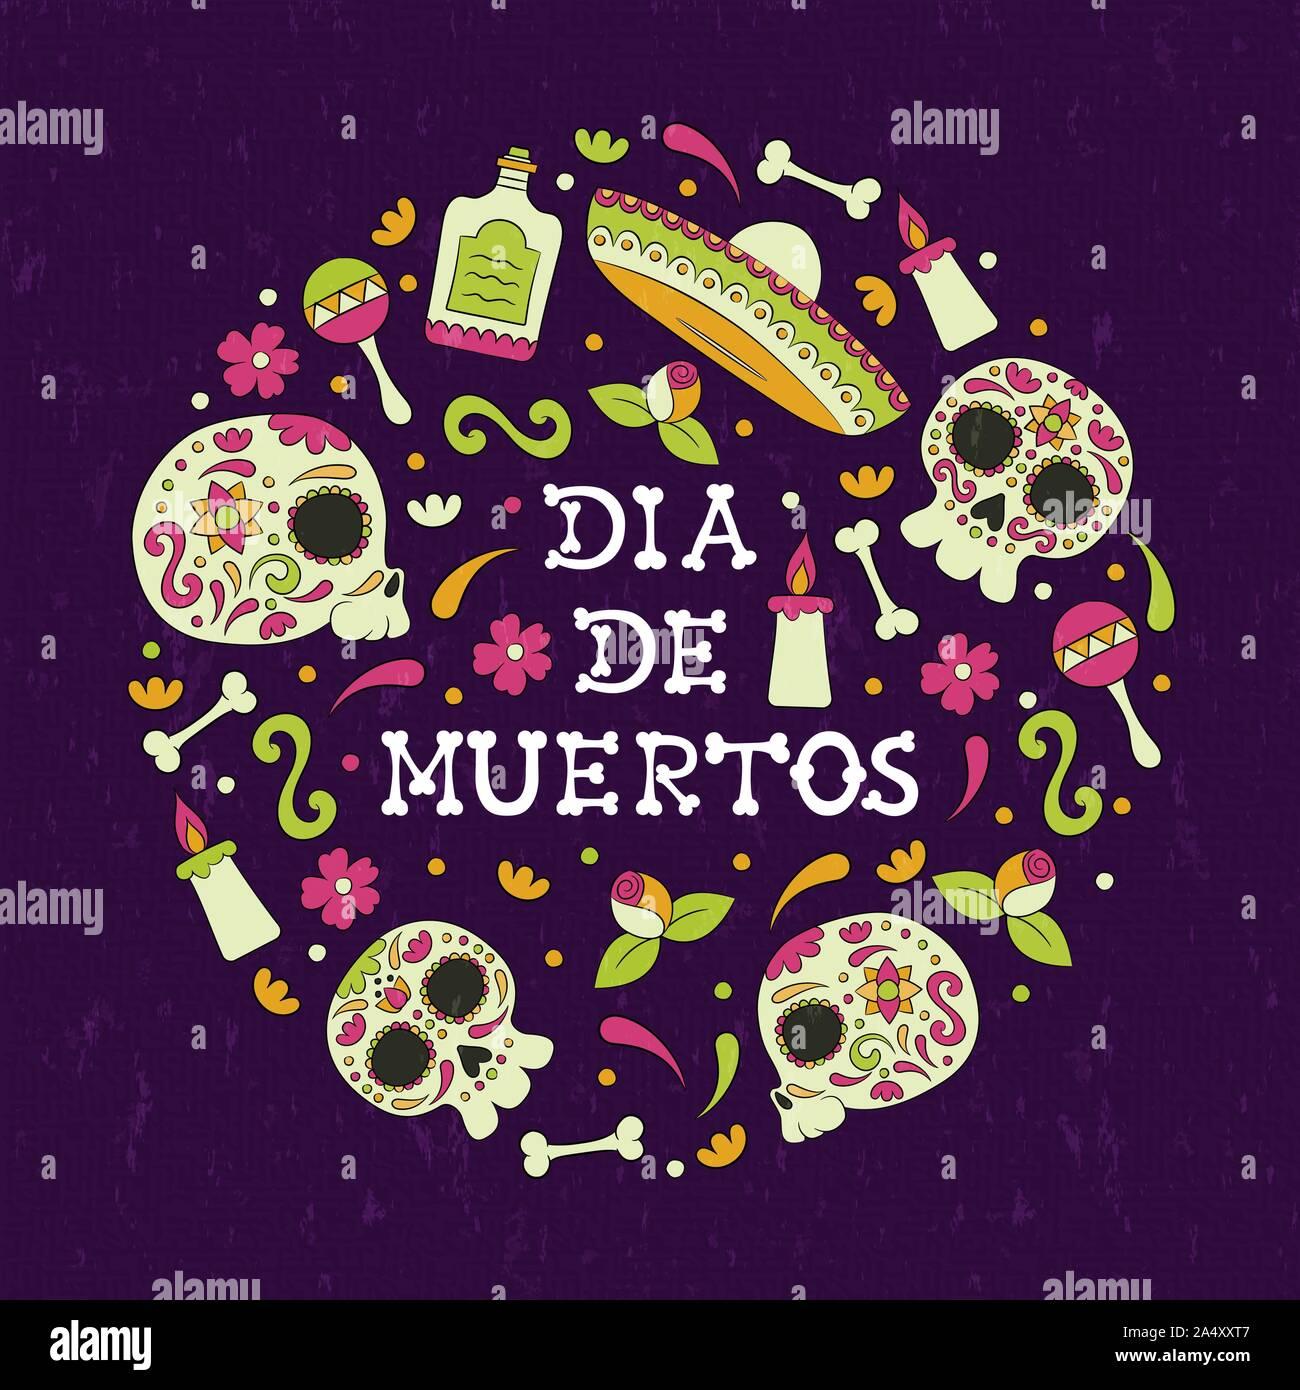 Tag der Toten Sugar Skull Grußkarte für mexikanische Feier, traditionelle Mexiko Skelett Dekoration mit Kerzen und Blumen Hintergrund. Stock Vektor